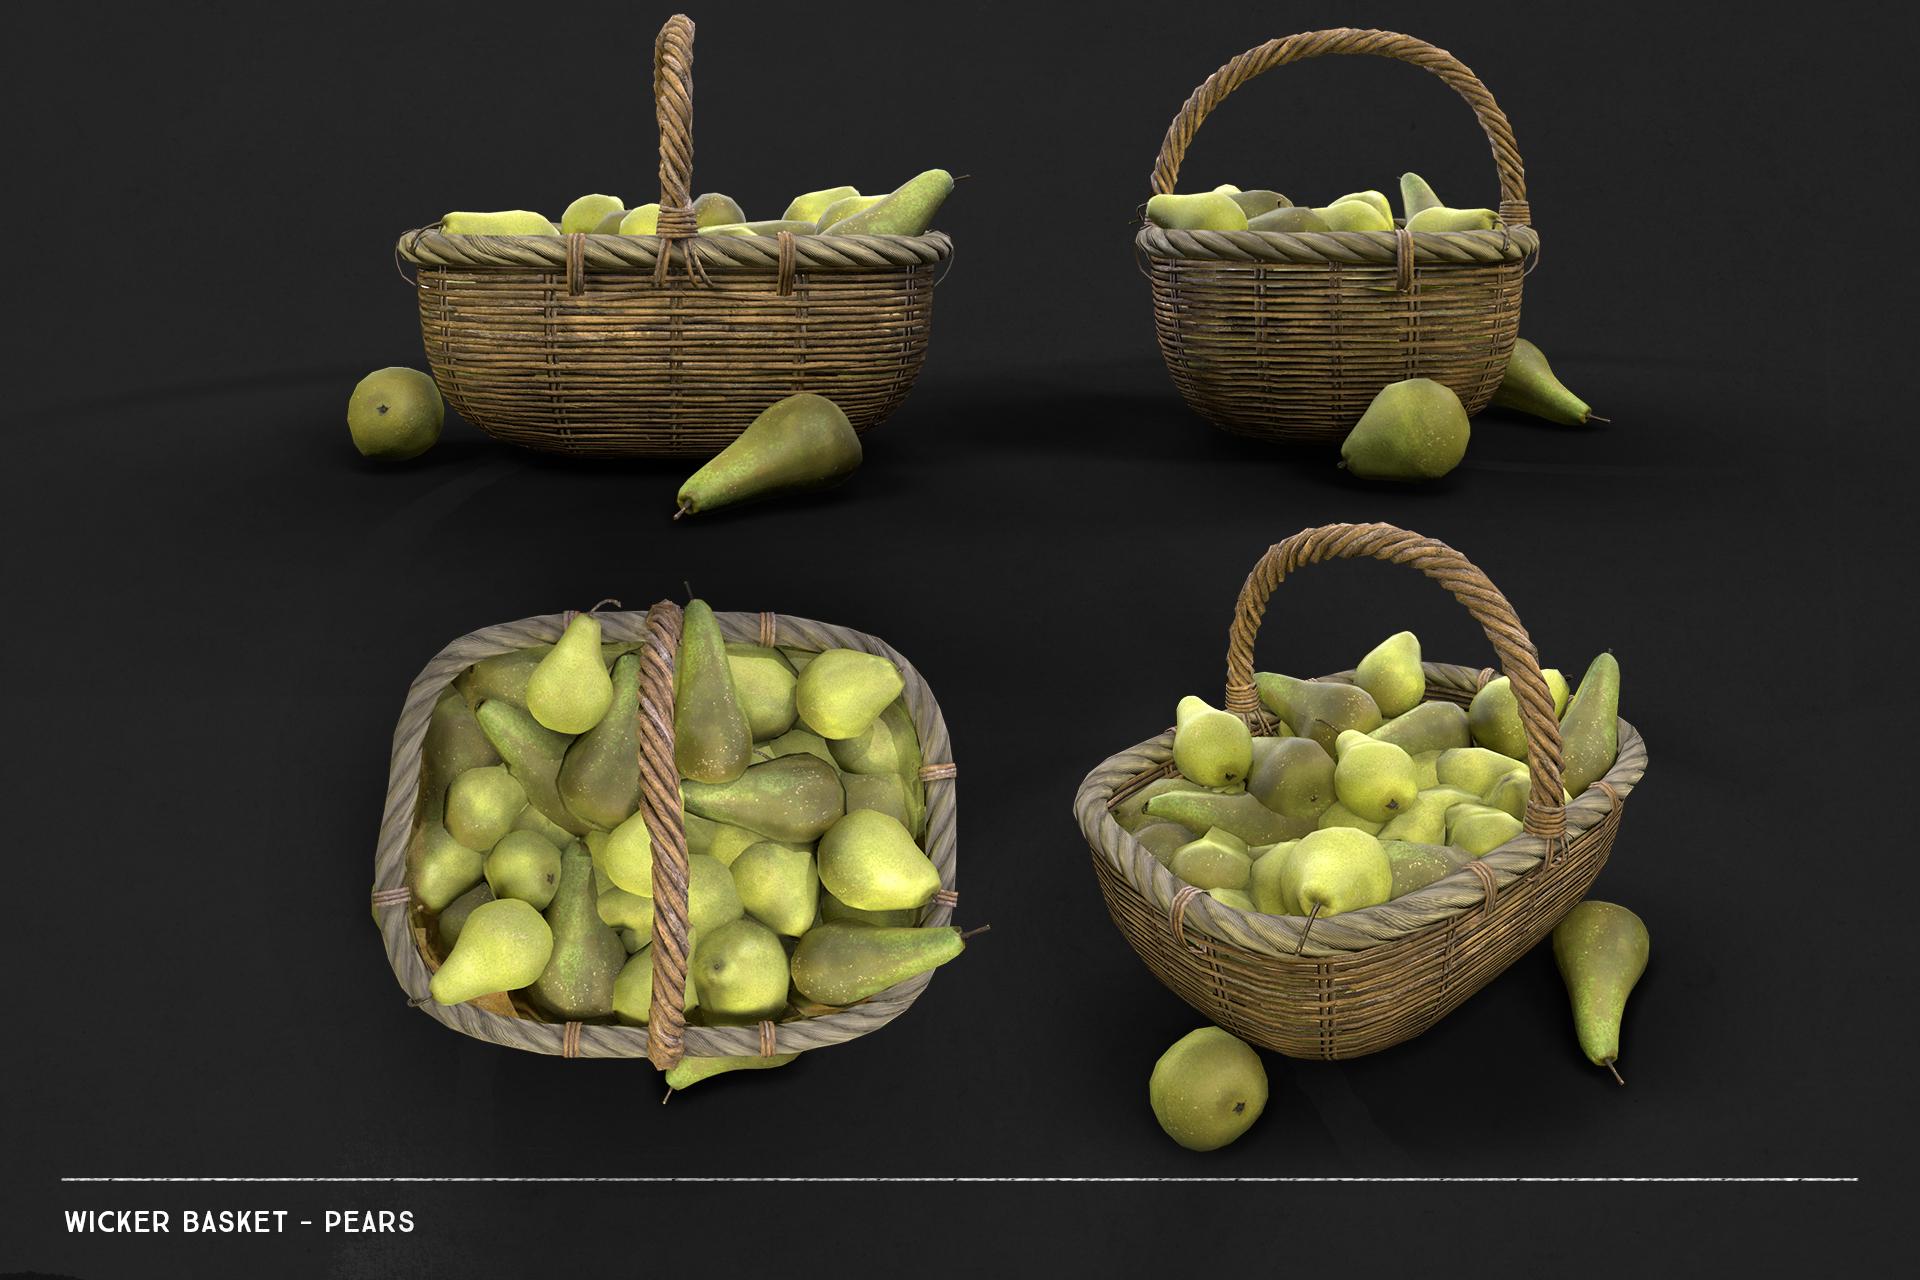 wicker_basket_pears.jpg